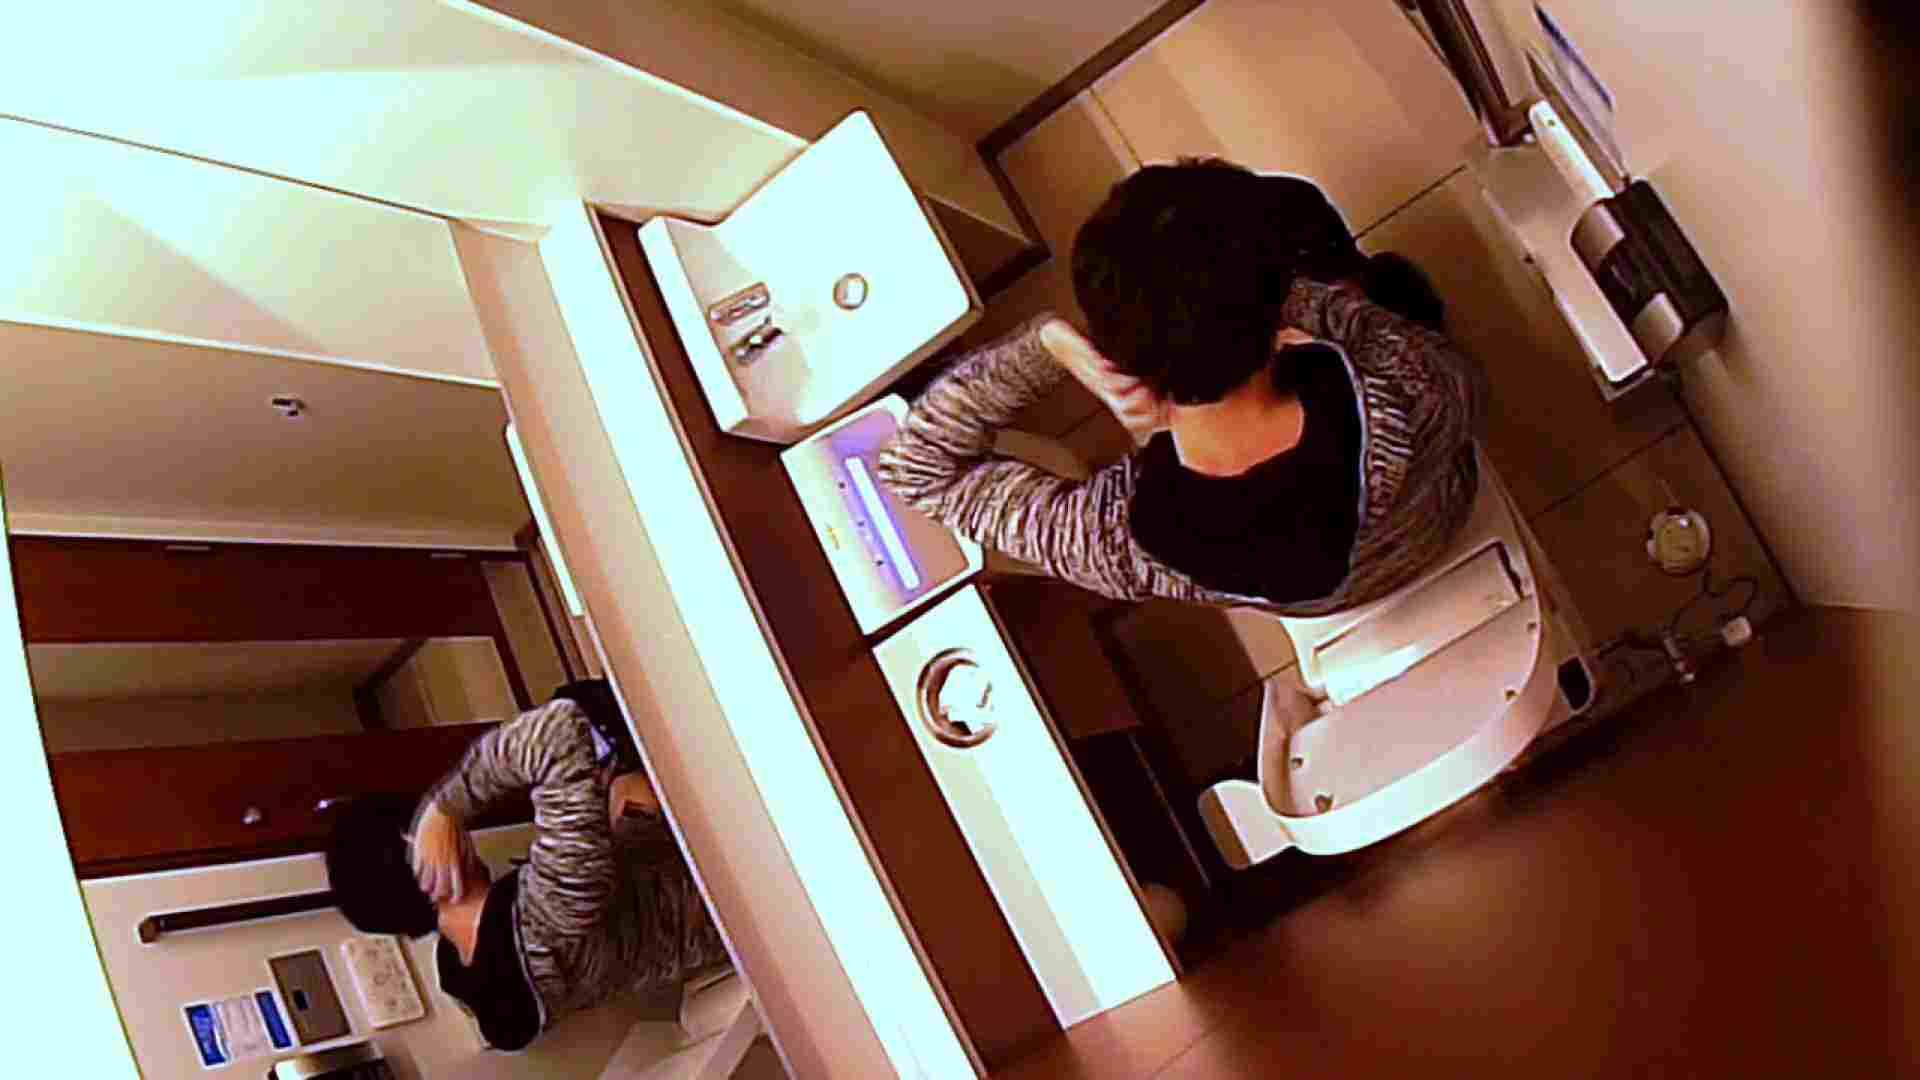 イケメンの素顔in洗面所 Vol.03 丸見え動画 | ボーイズうんこ  107pic 2